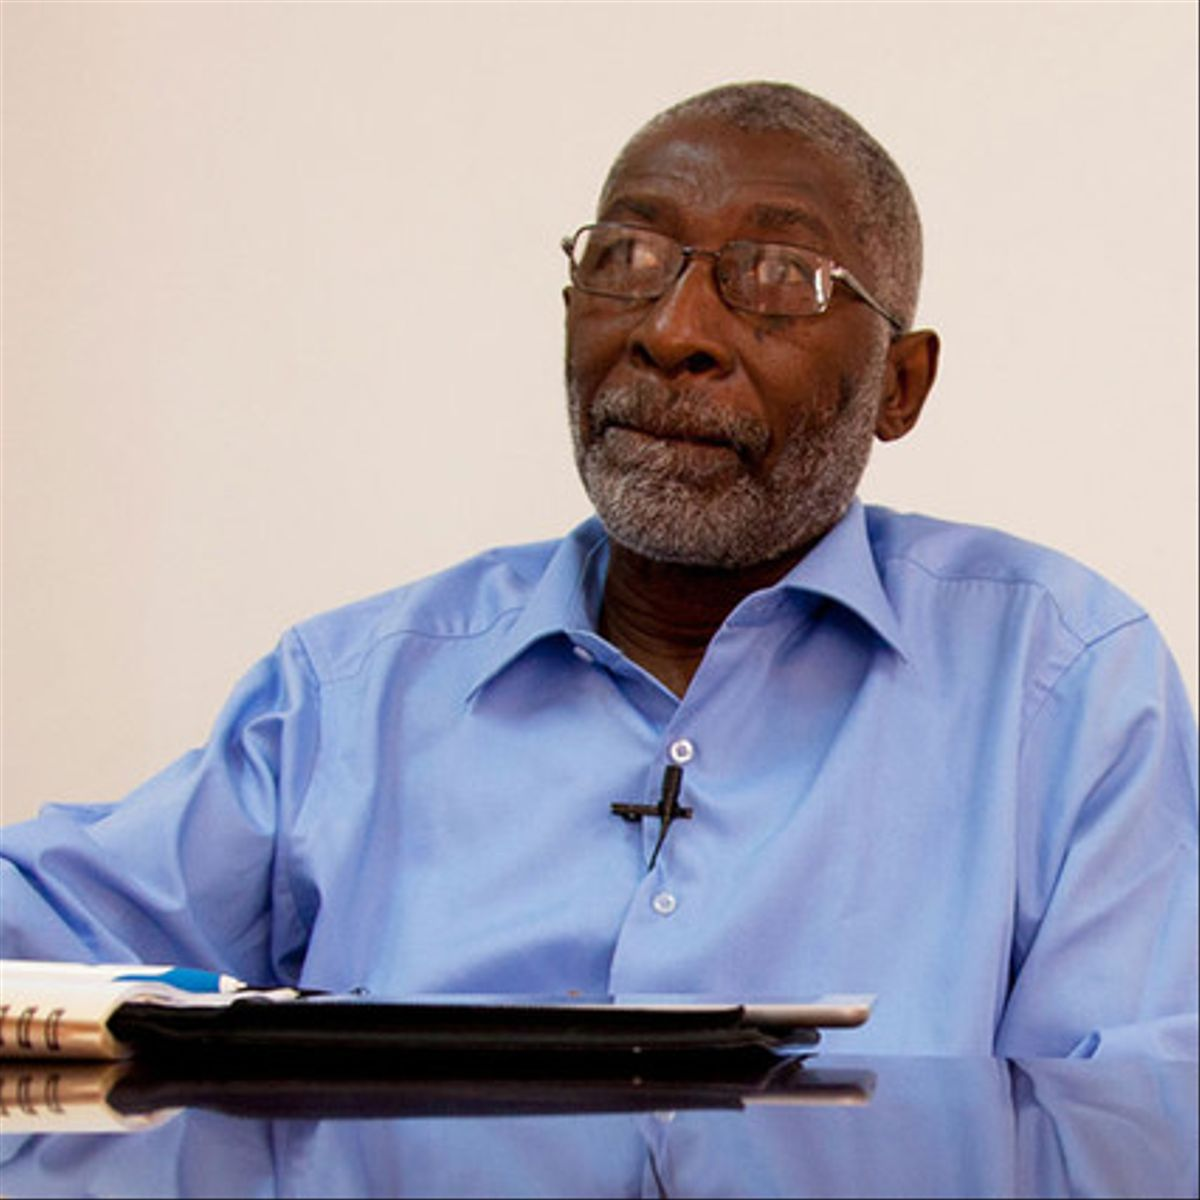 Nii Quaynor, presidente del consejo de la Agencia Nacional de Tecnología de la Información de Ghana y director de Internet Society en Ghana